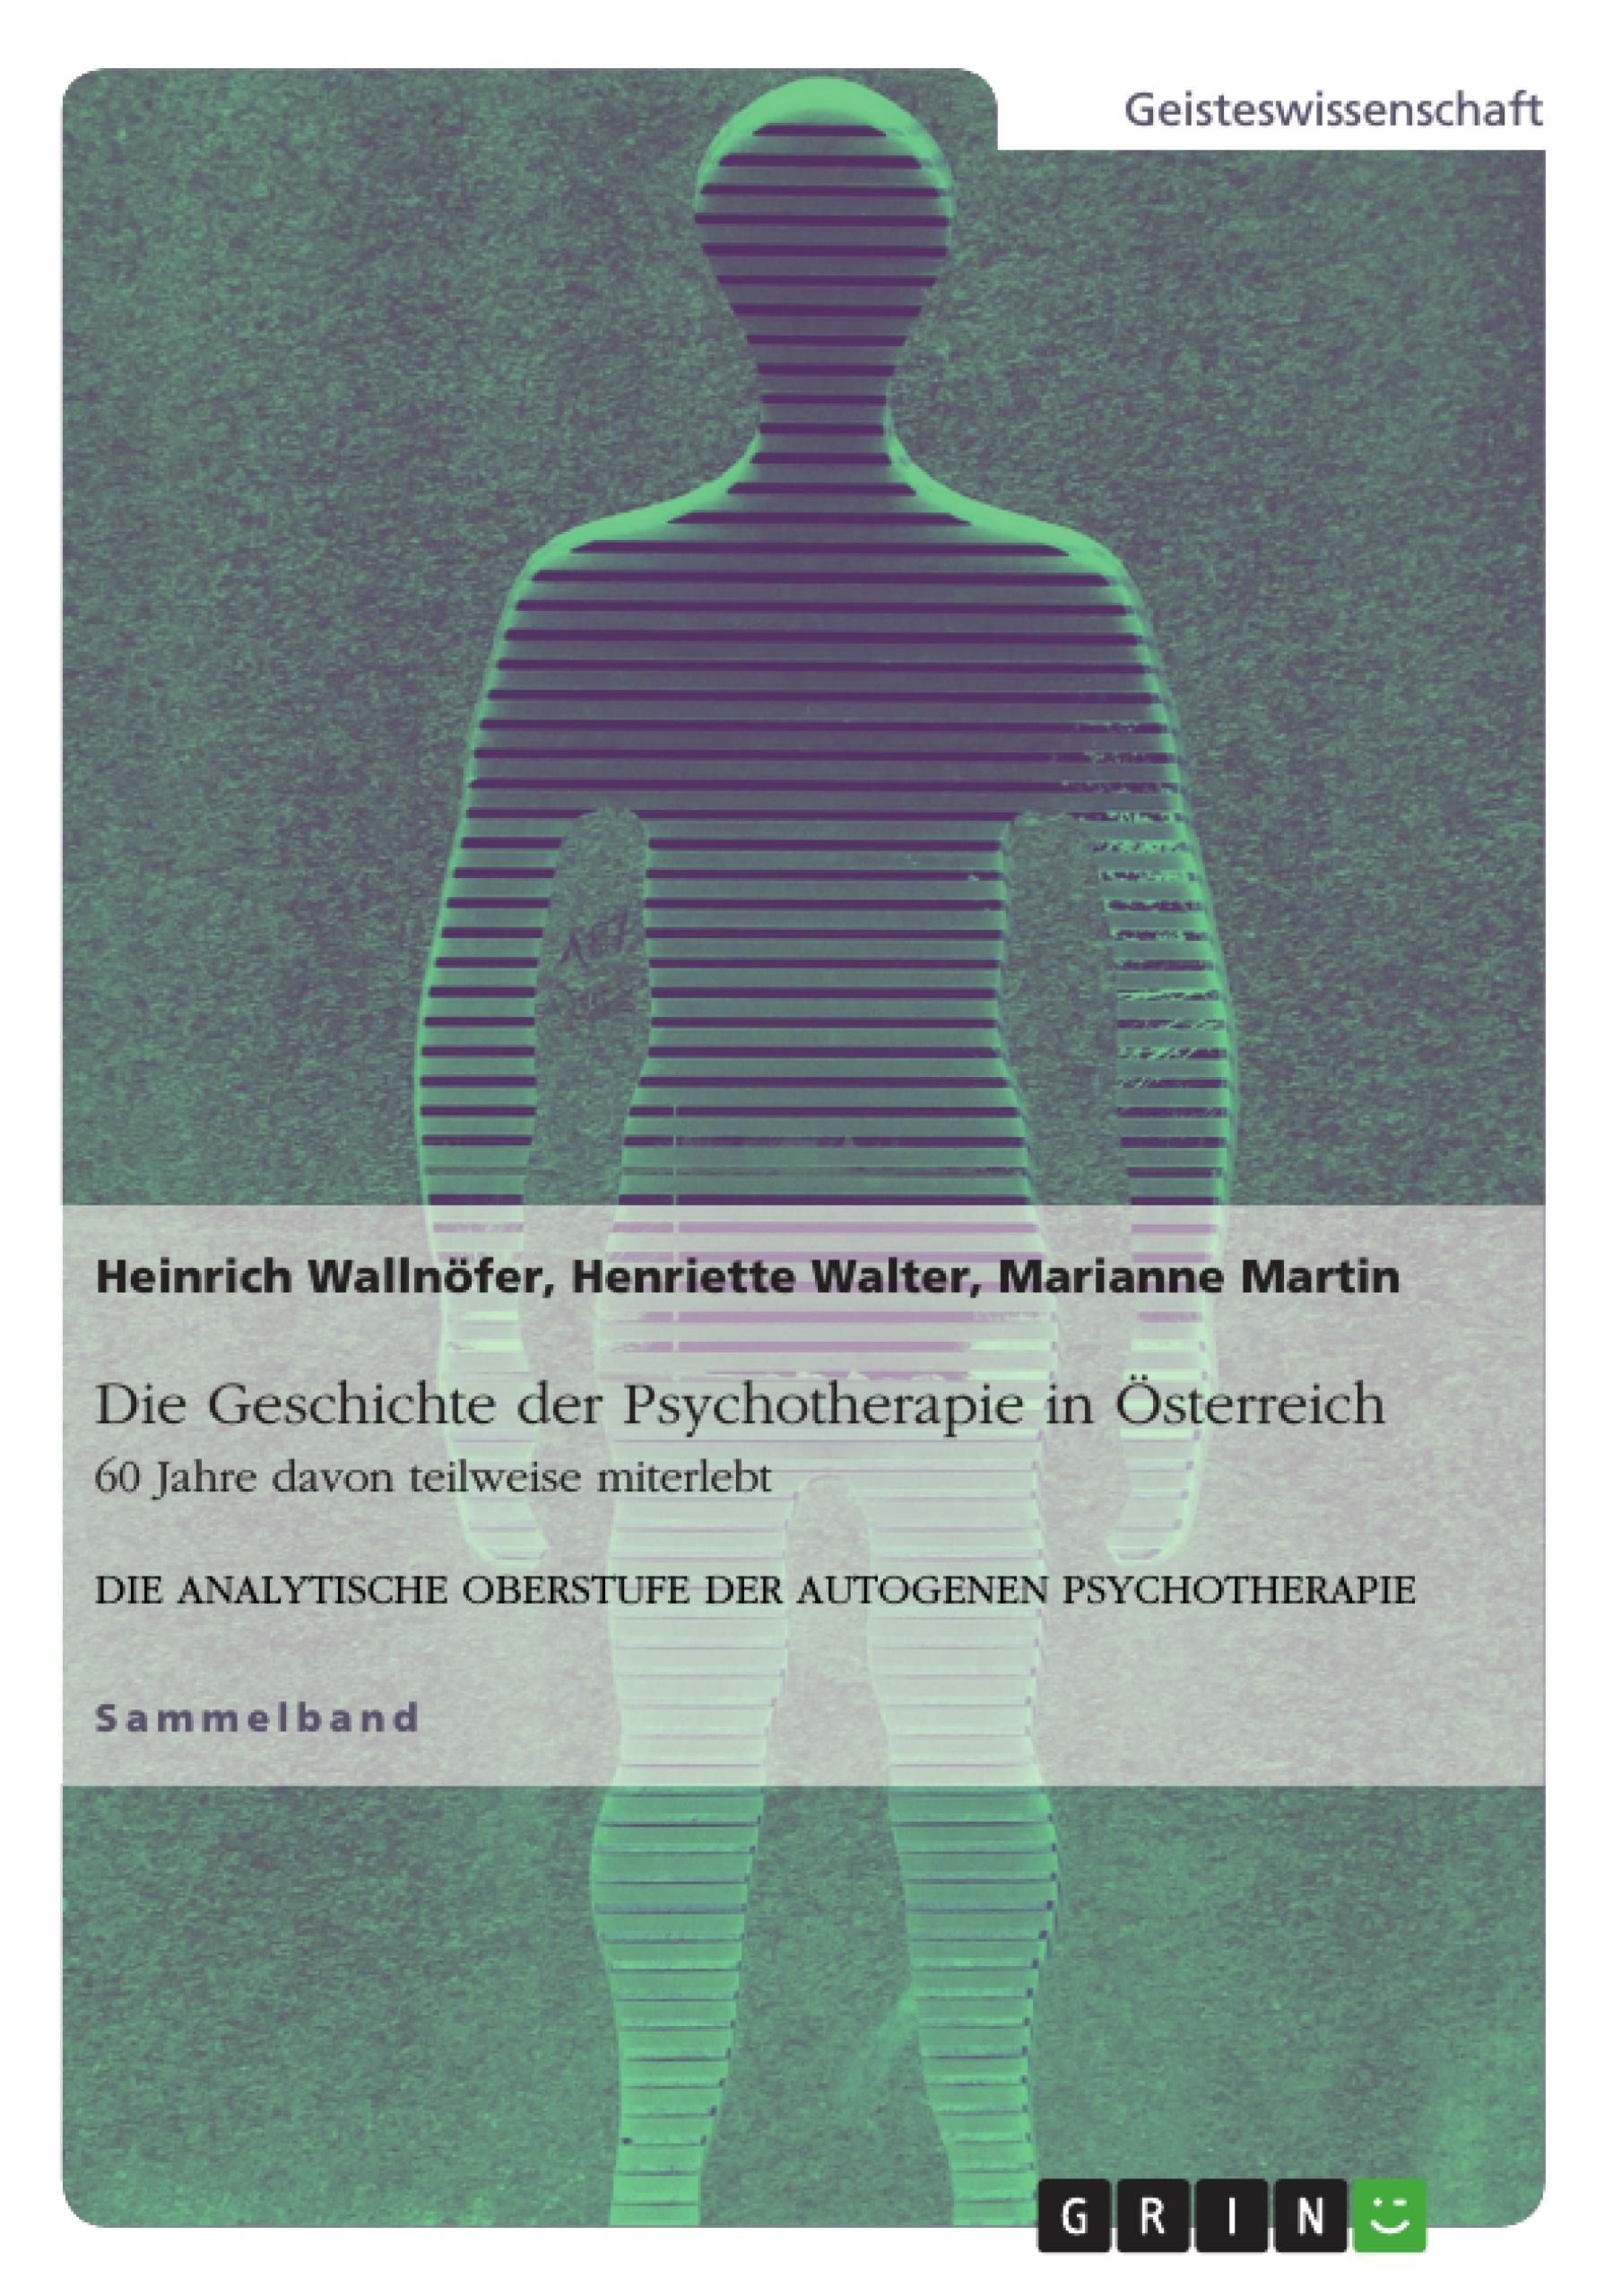 Titel: Die Geschichte der Psychotherapie in Österreich